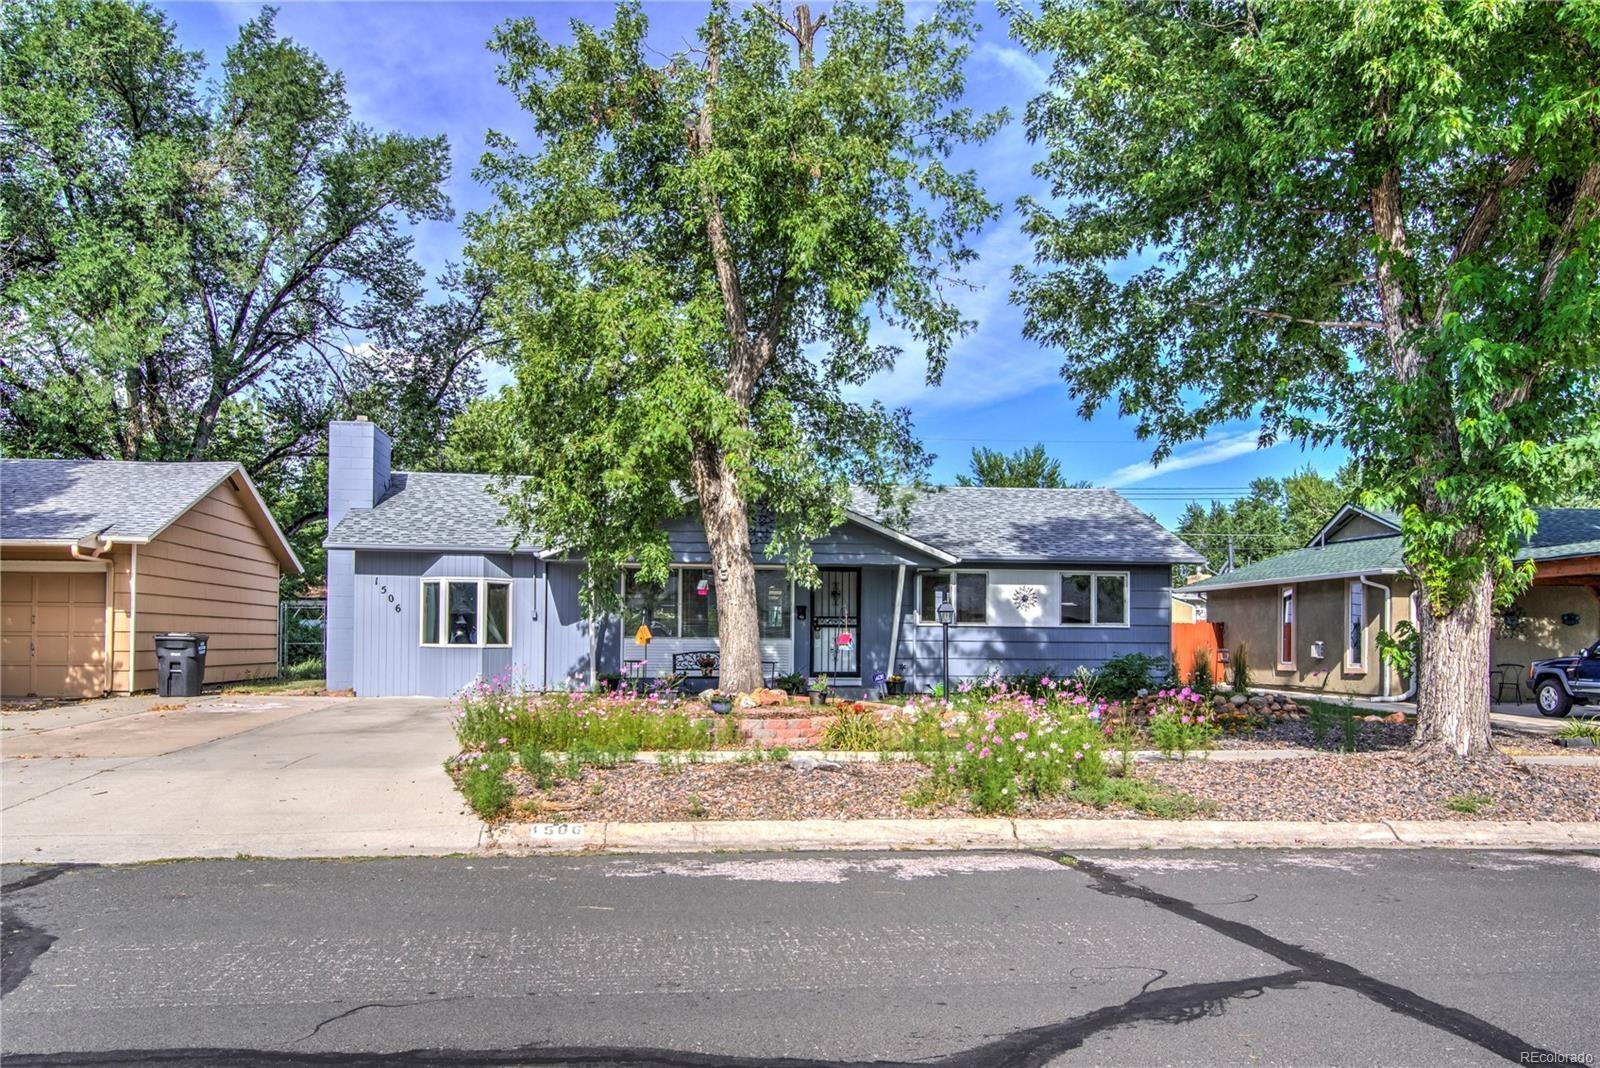 MLS# 4355129 - 31 - 1506 Querida Drive, Colorado Springs, CO 80909